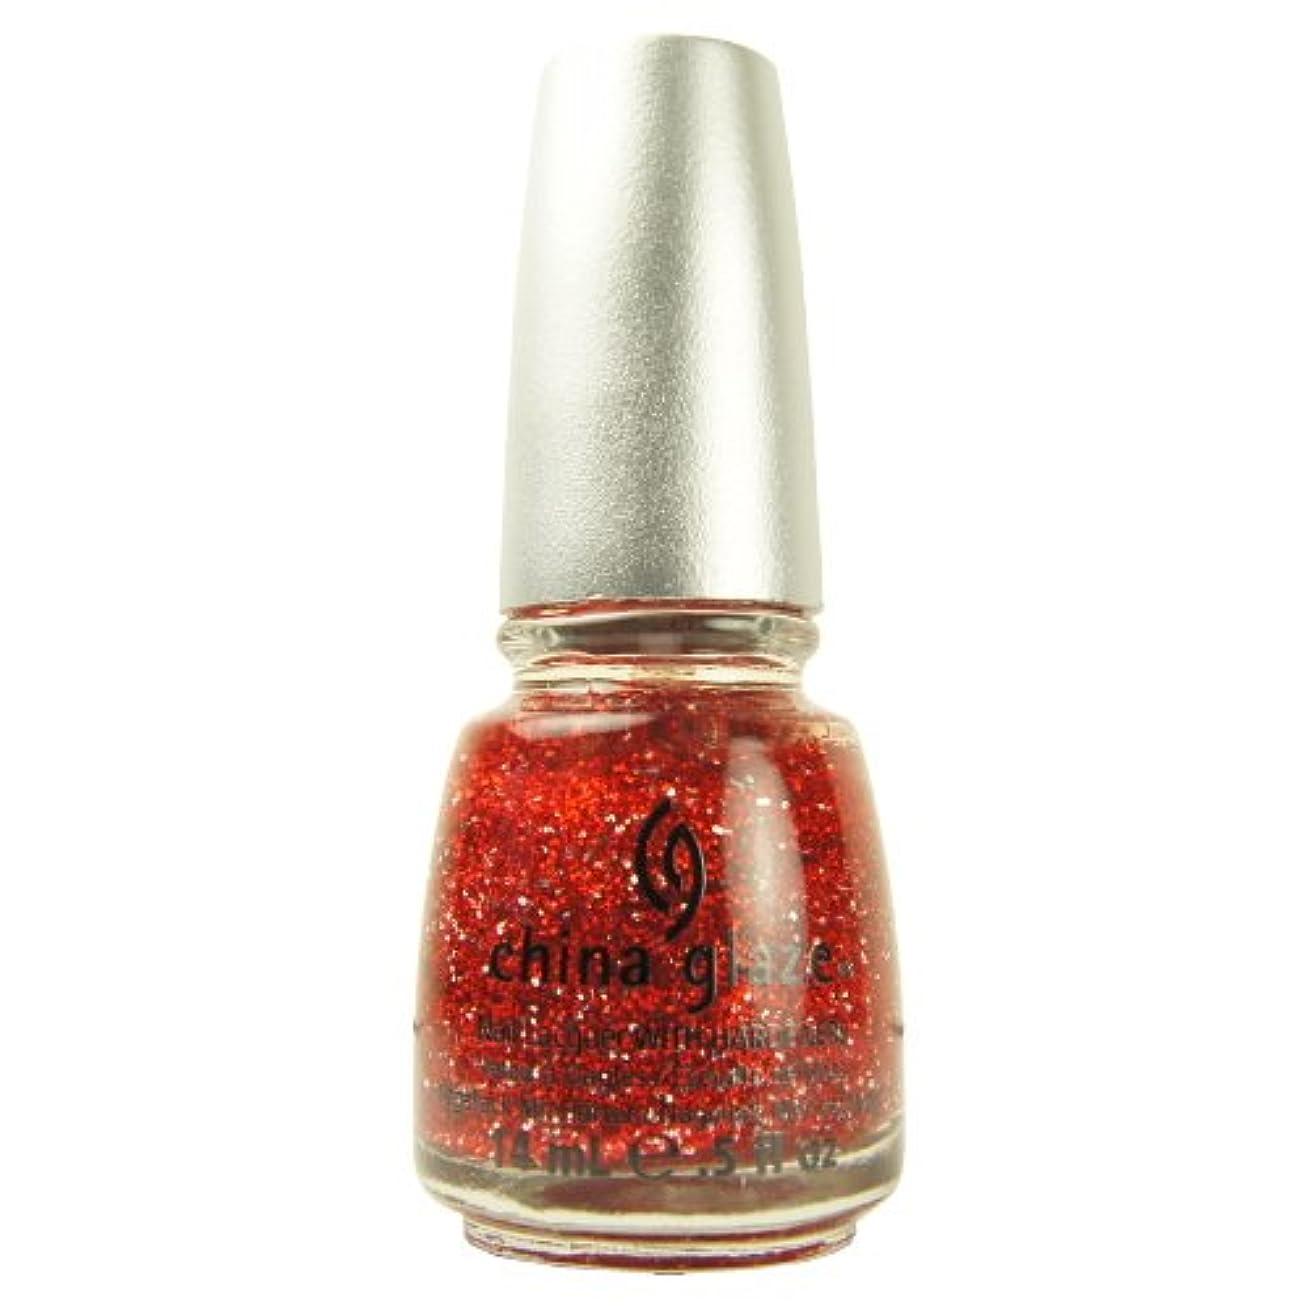 神経衰弱転送ファックス(6 Pack) CHINA GLAZE Glitter Nail Lacquer with Nail Hardner - Love Marilyn (DC) (並行輸入品)